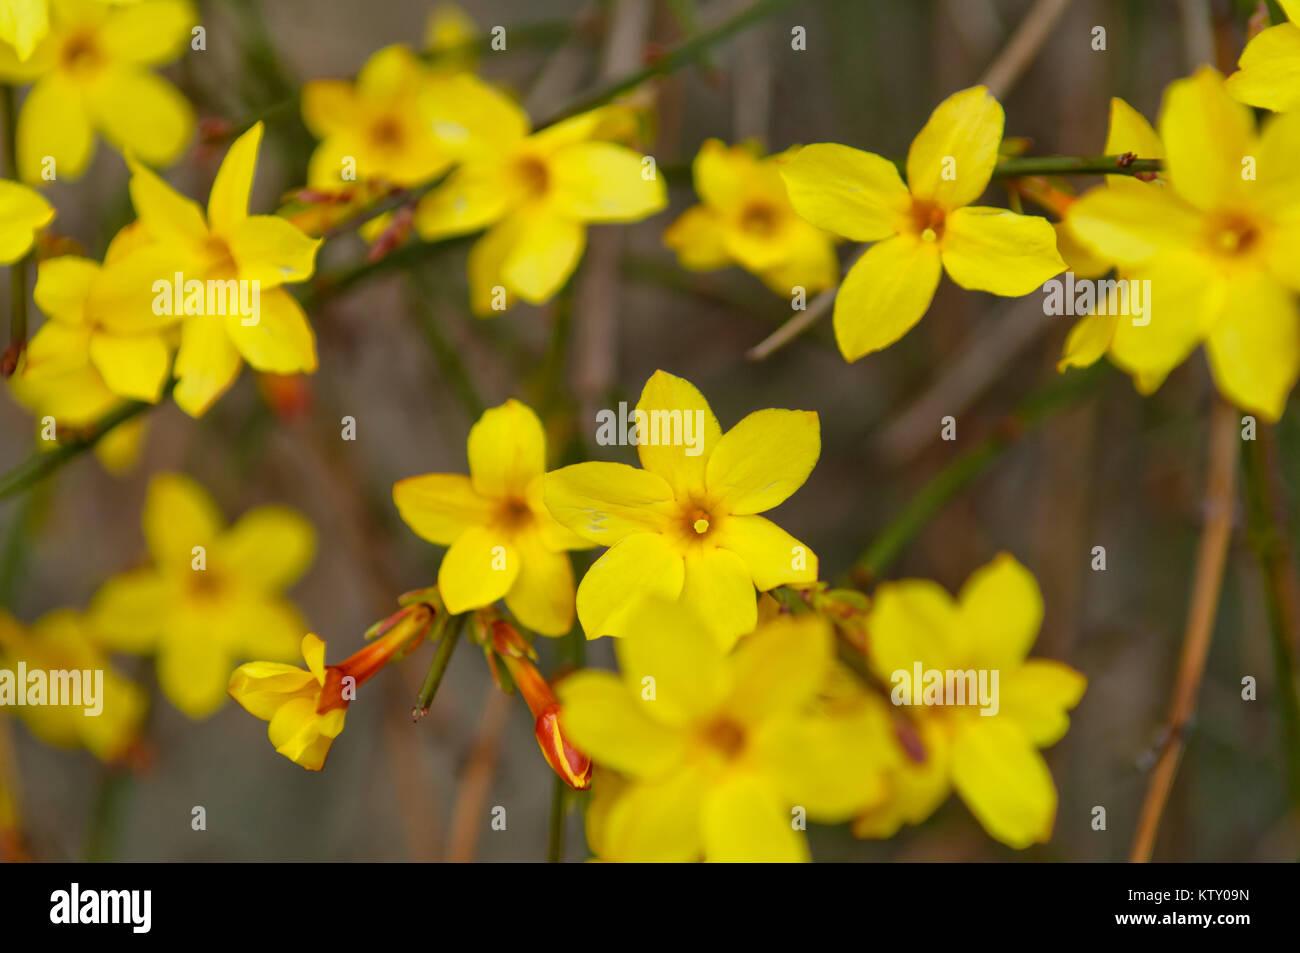 Fiori Gialli In Primavera.Inverno Gelsomino O Jasminum Nudiflorum Arbusti Decidui Che